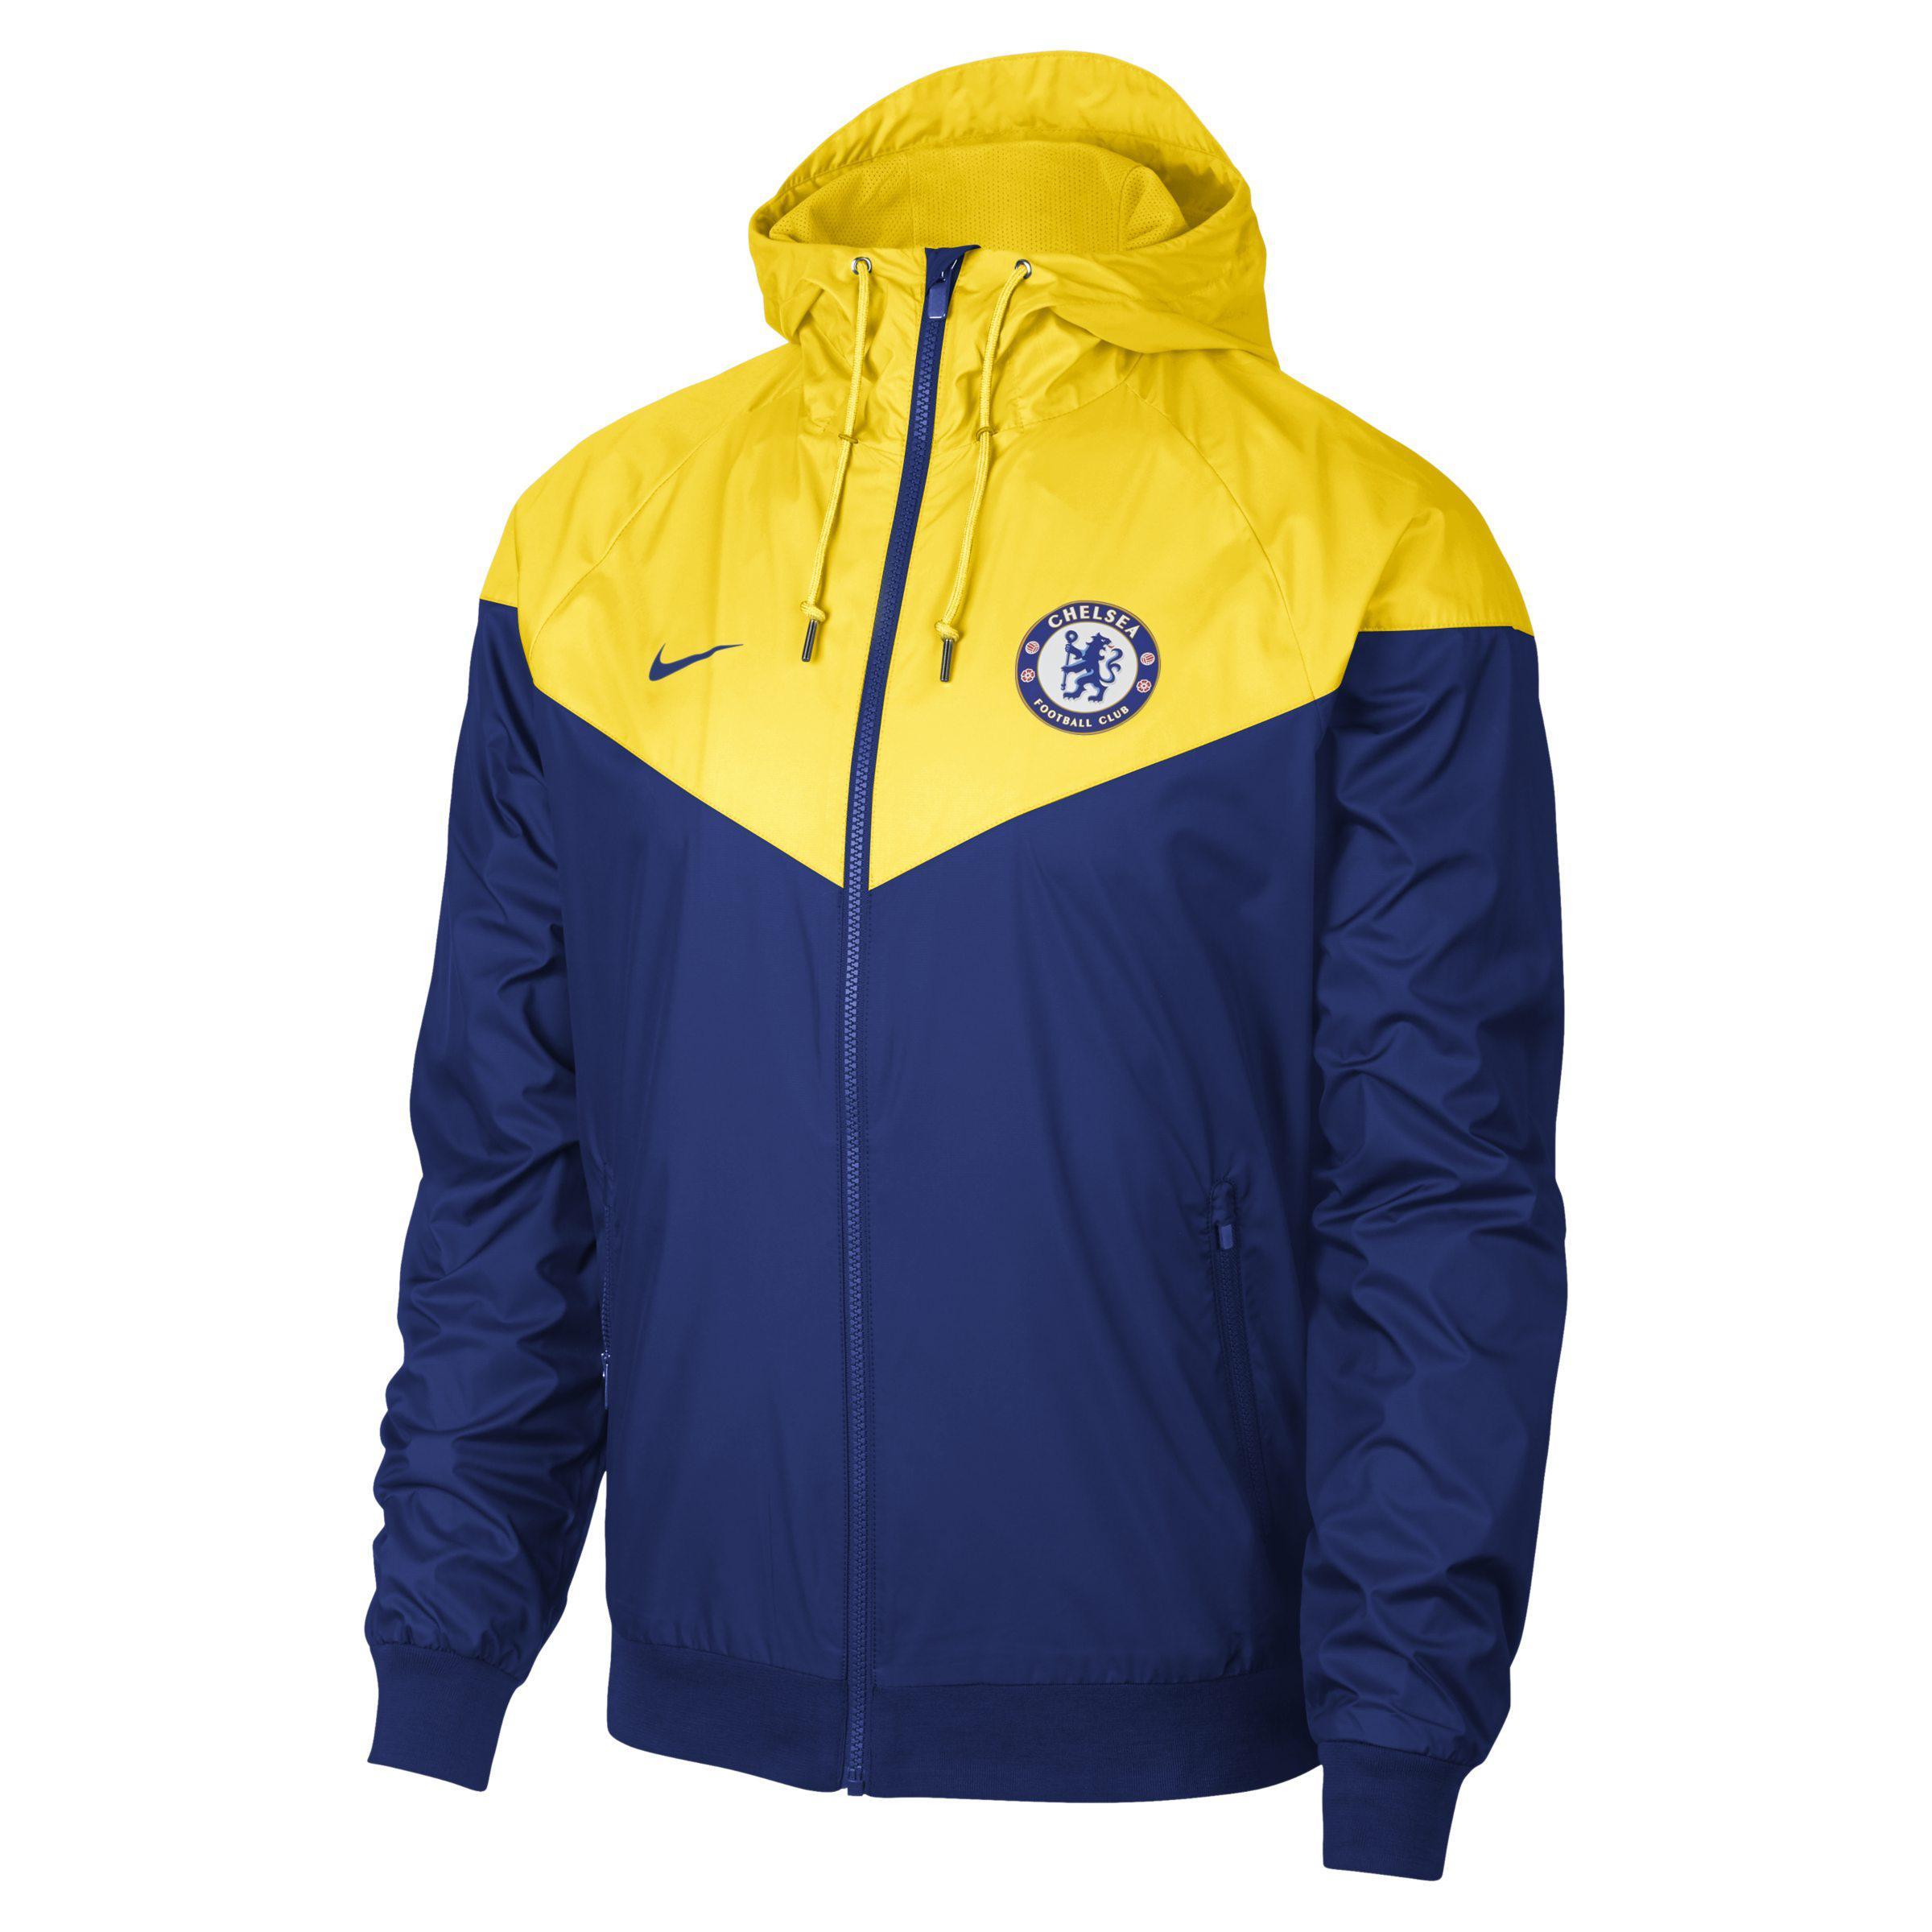 27b4c2145 Nike Chelsea Fc Windrunner Jacket in Blue for Men - Lyst